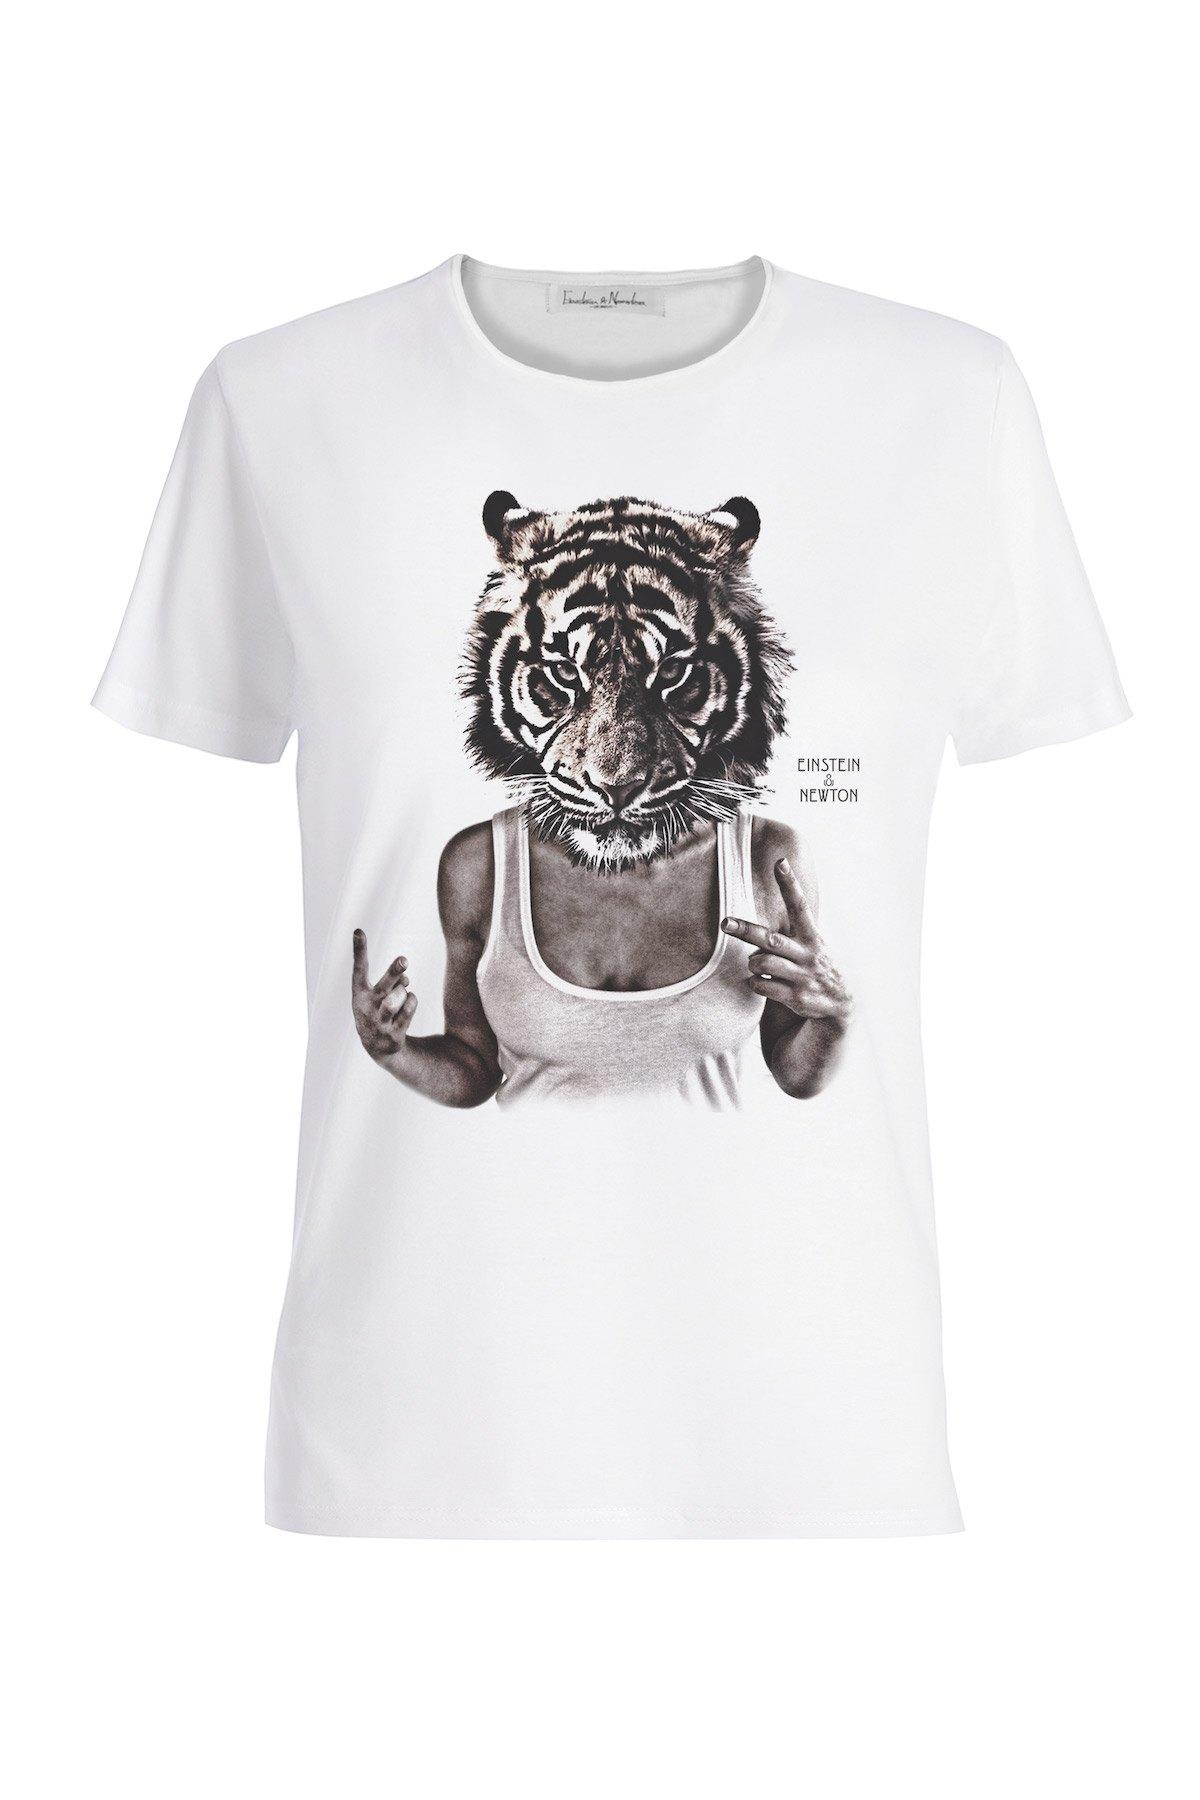 Peace Tiger Shirt Rodeo